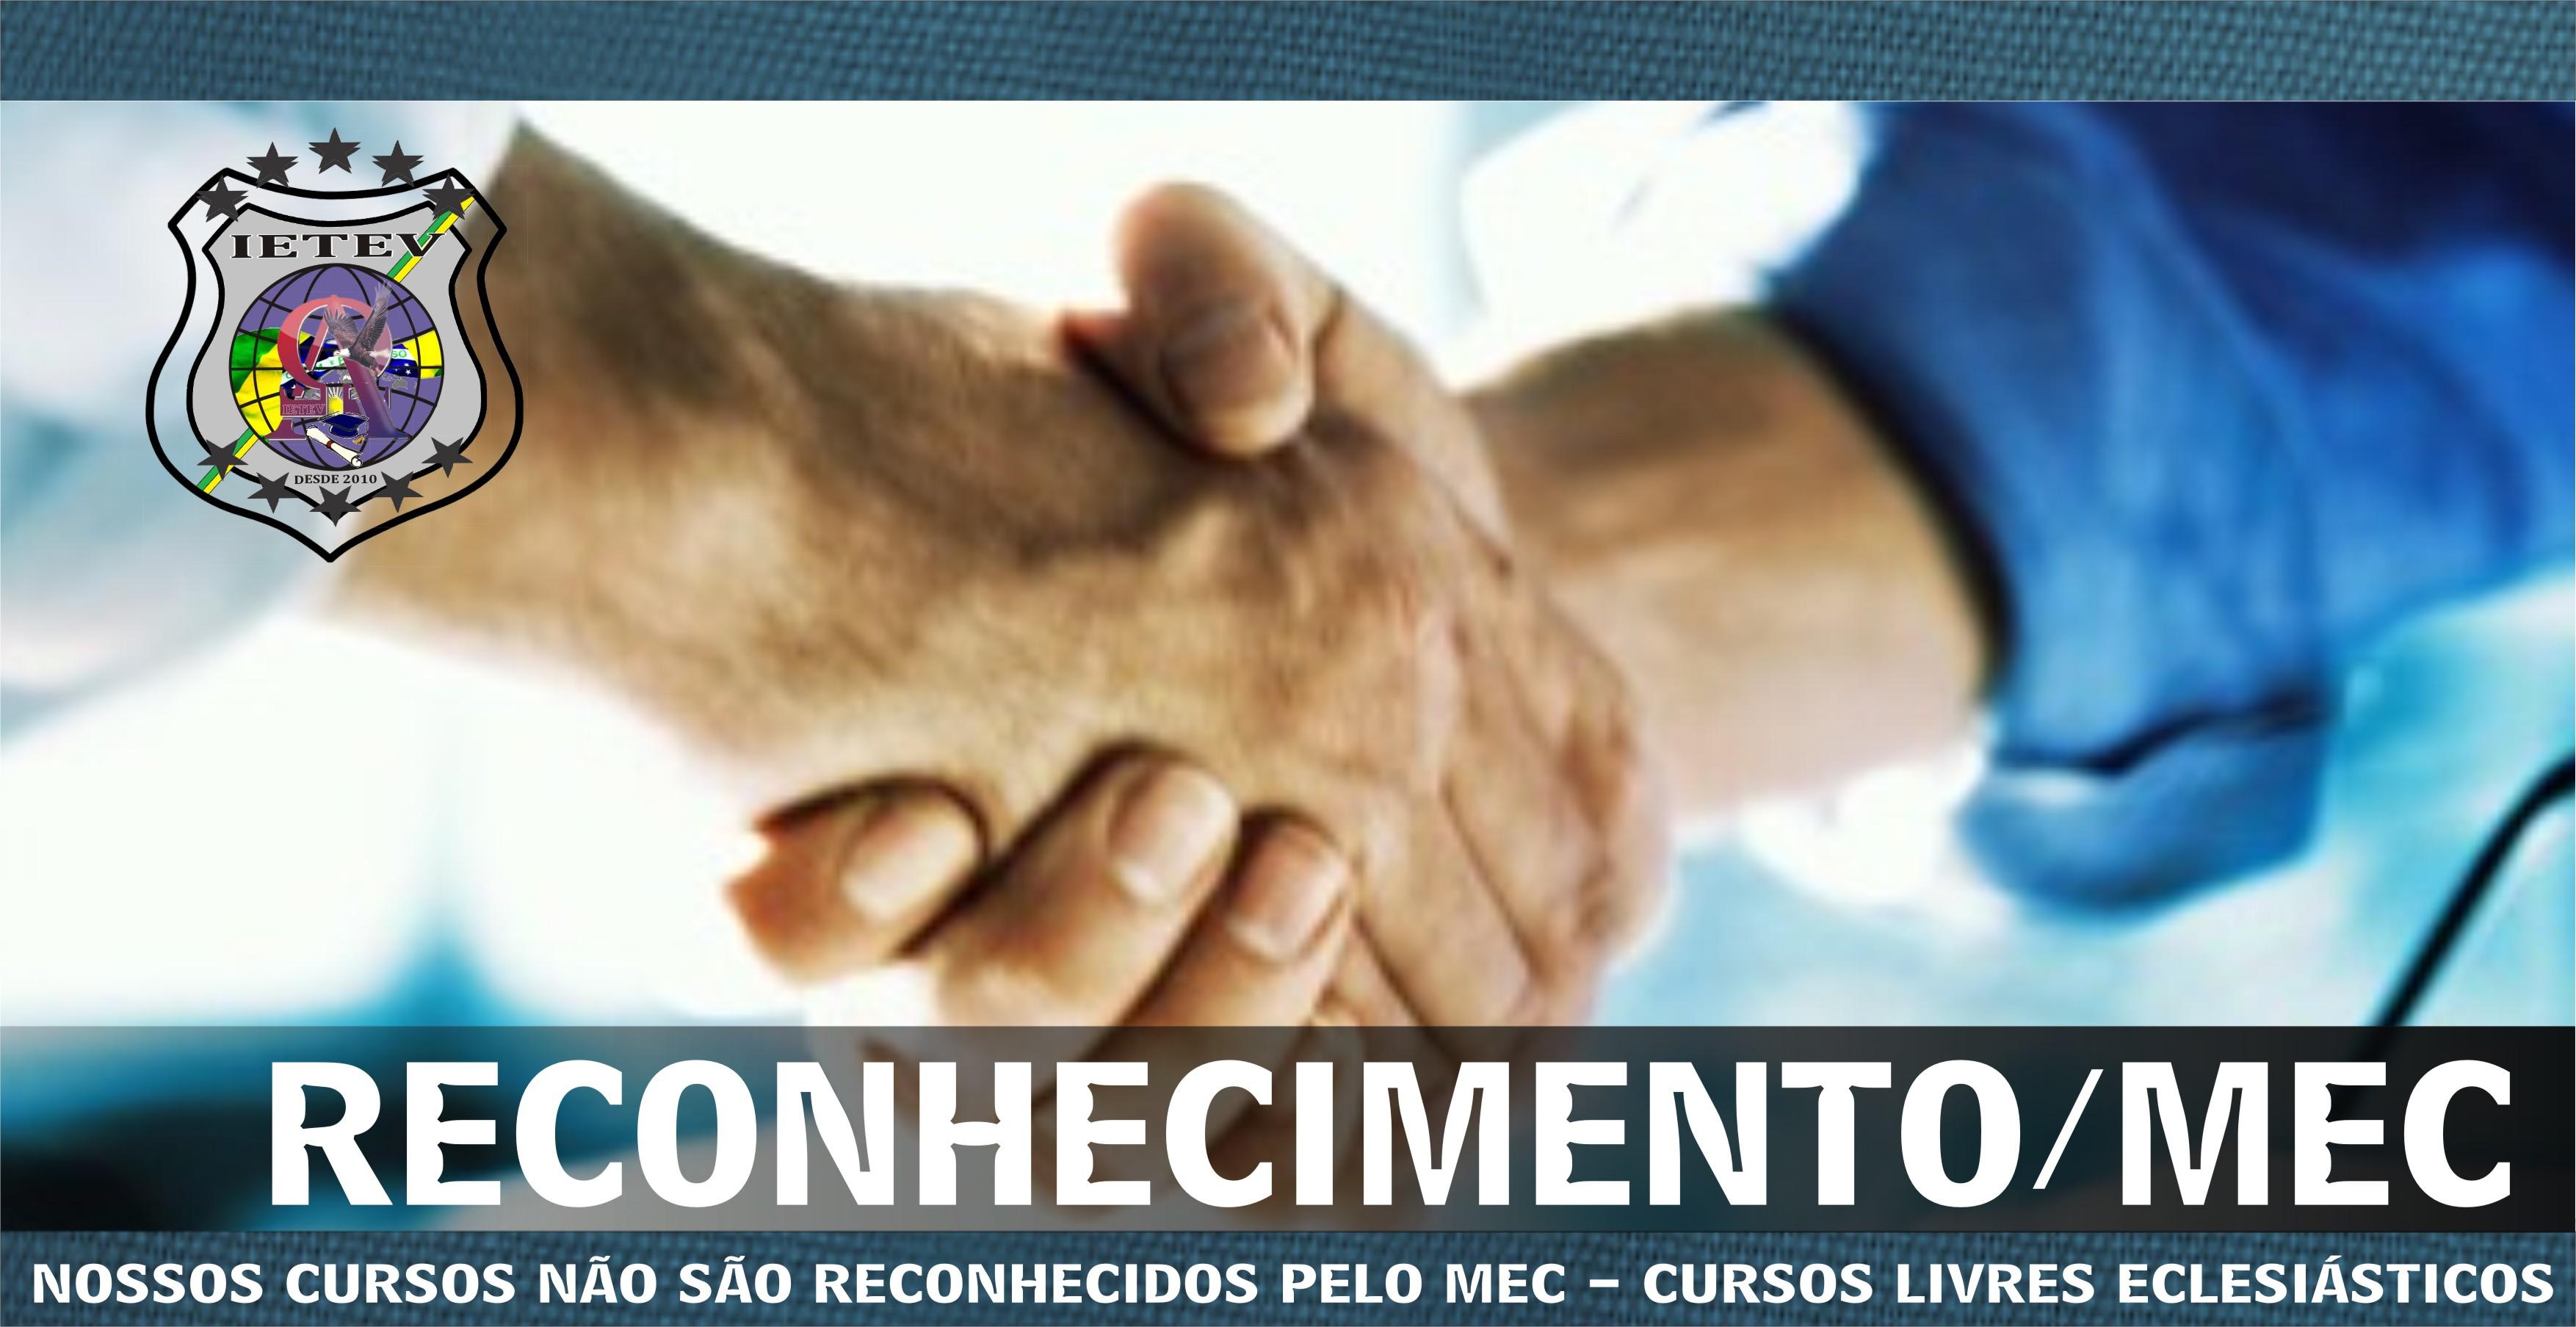 RECONHECIMENTO/MEC